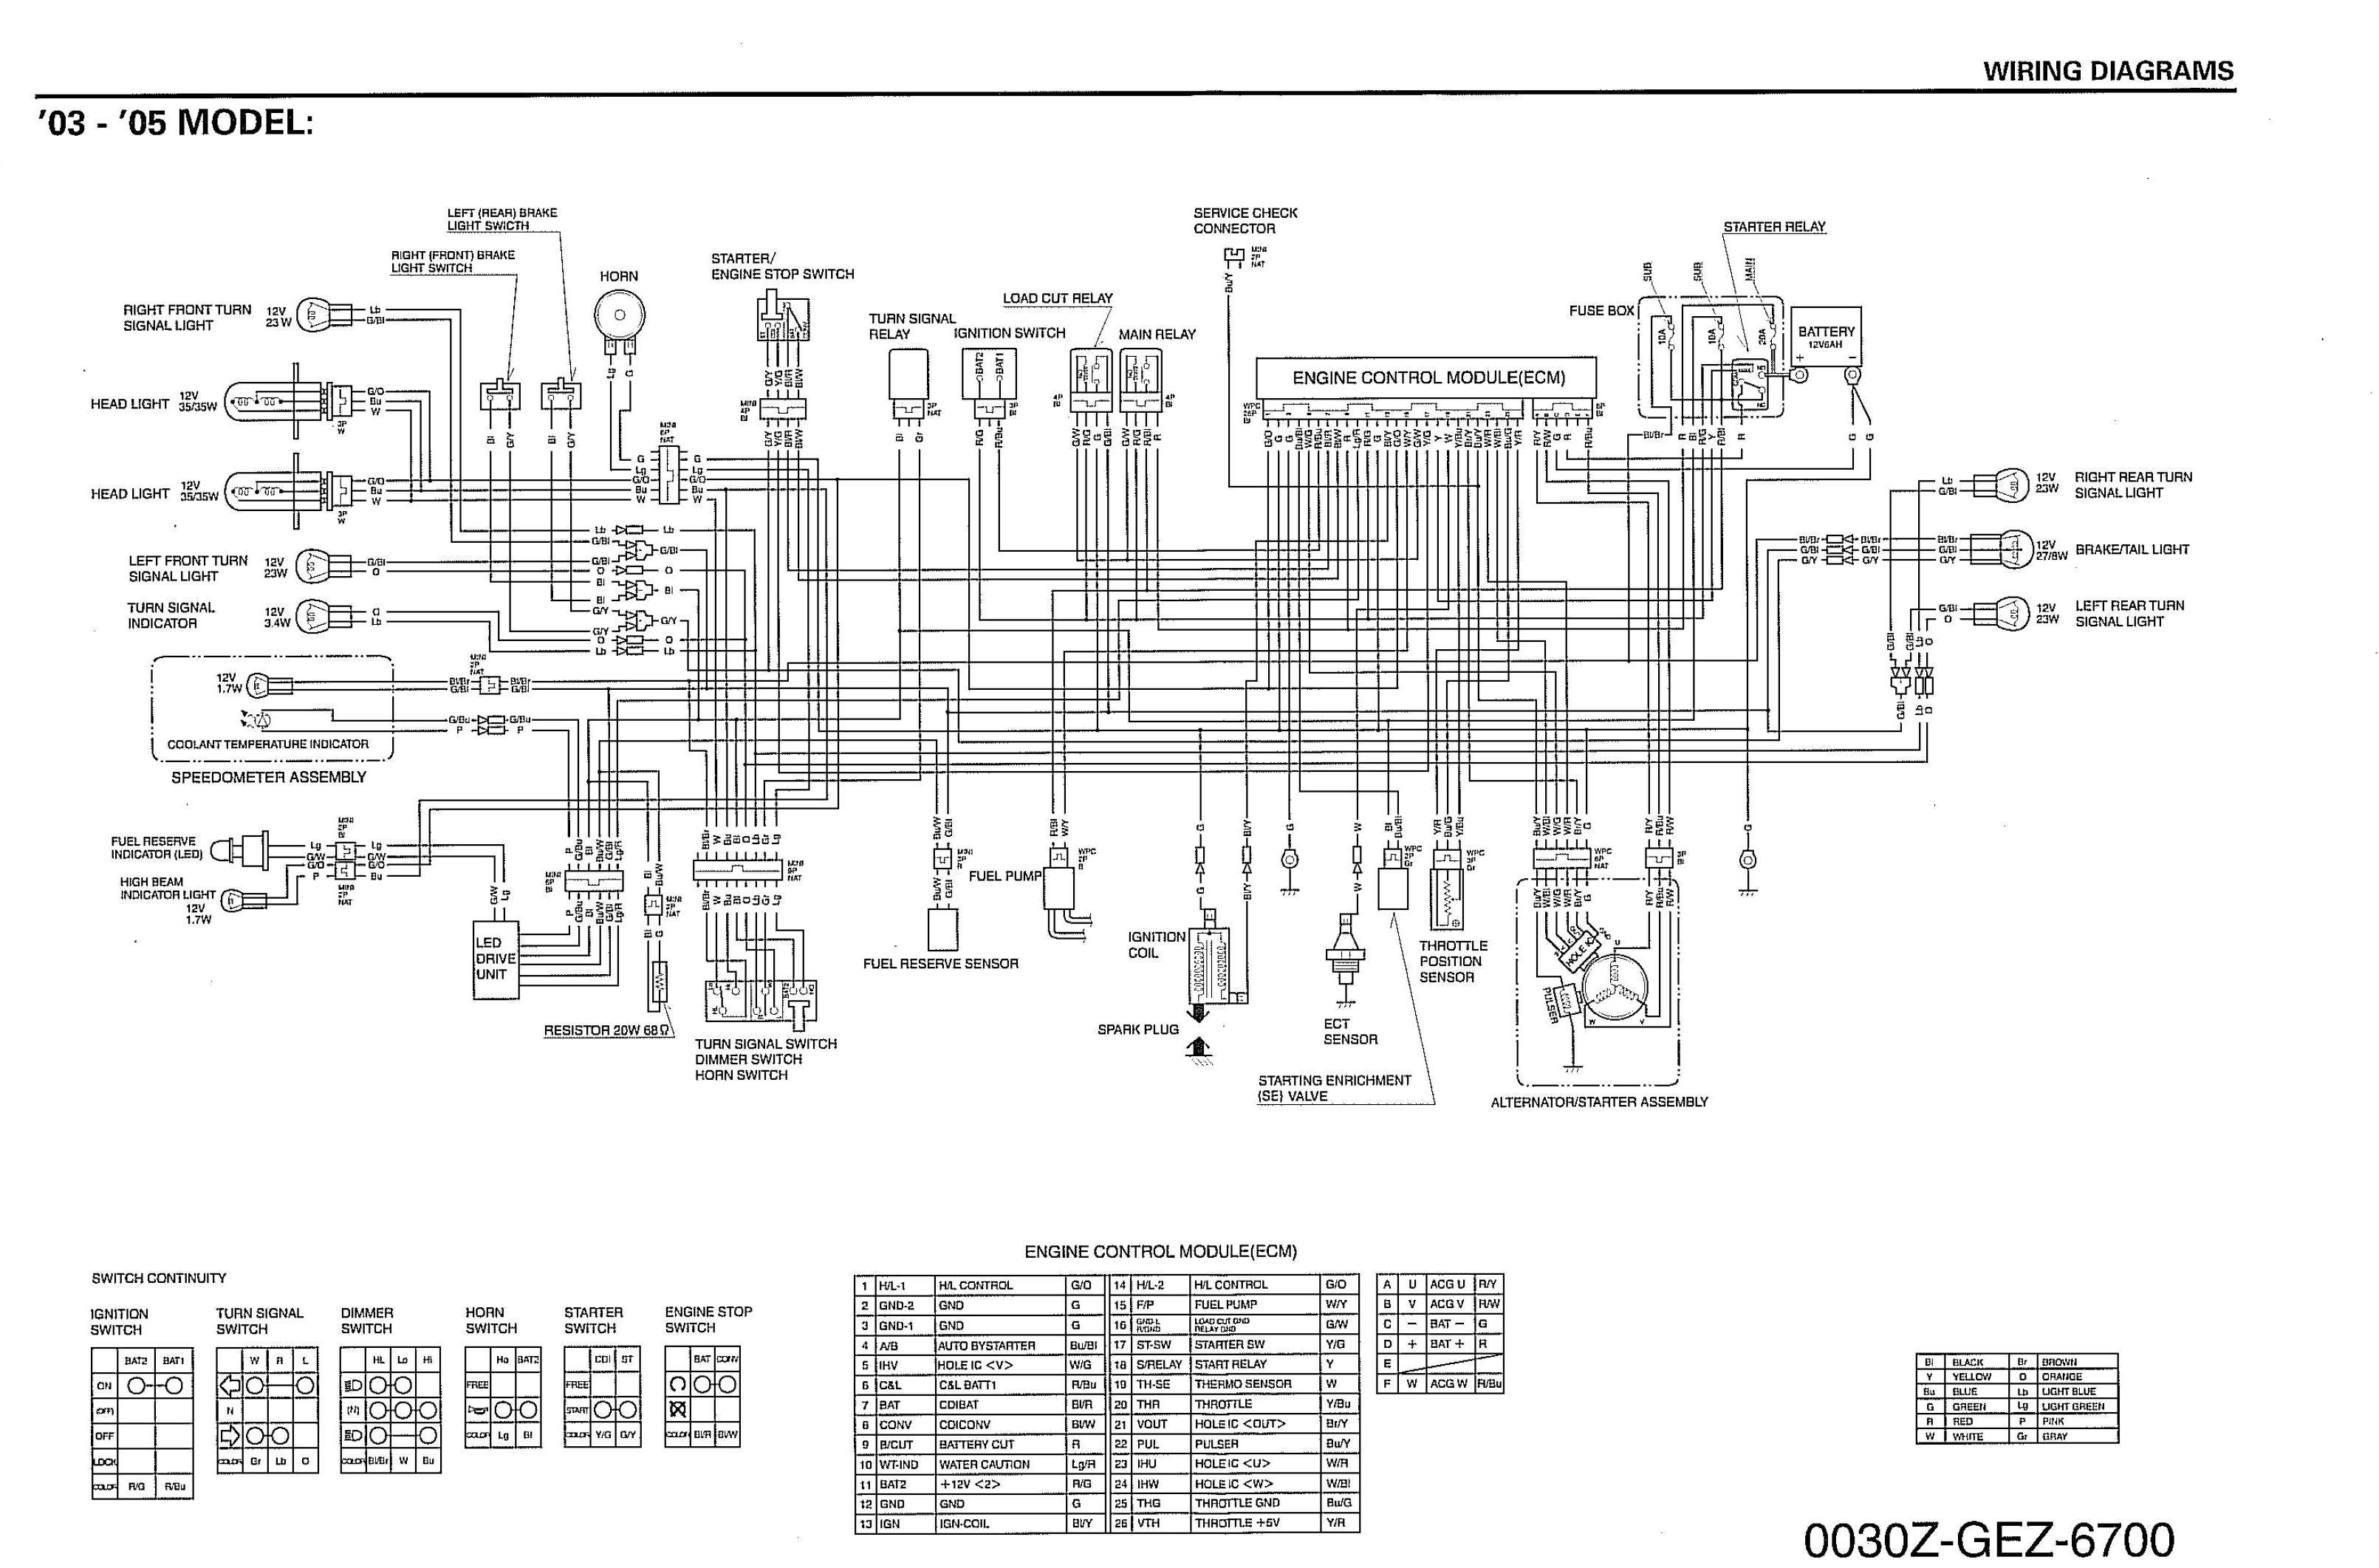 daewoo lanos pcm wiring diagram